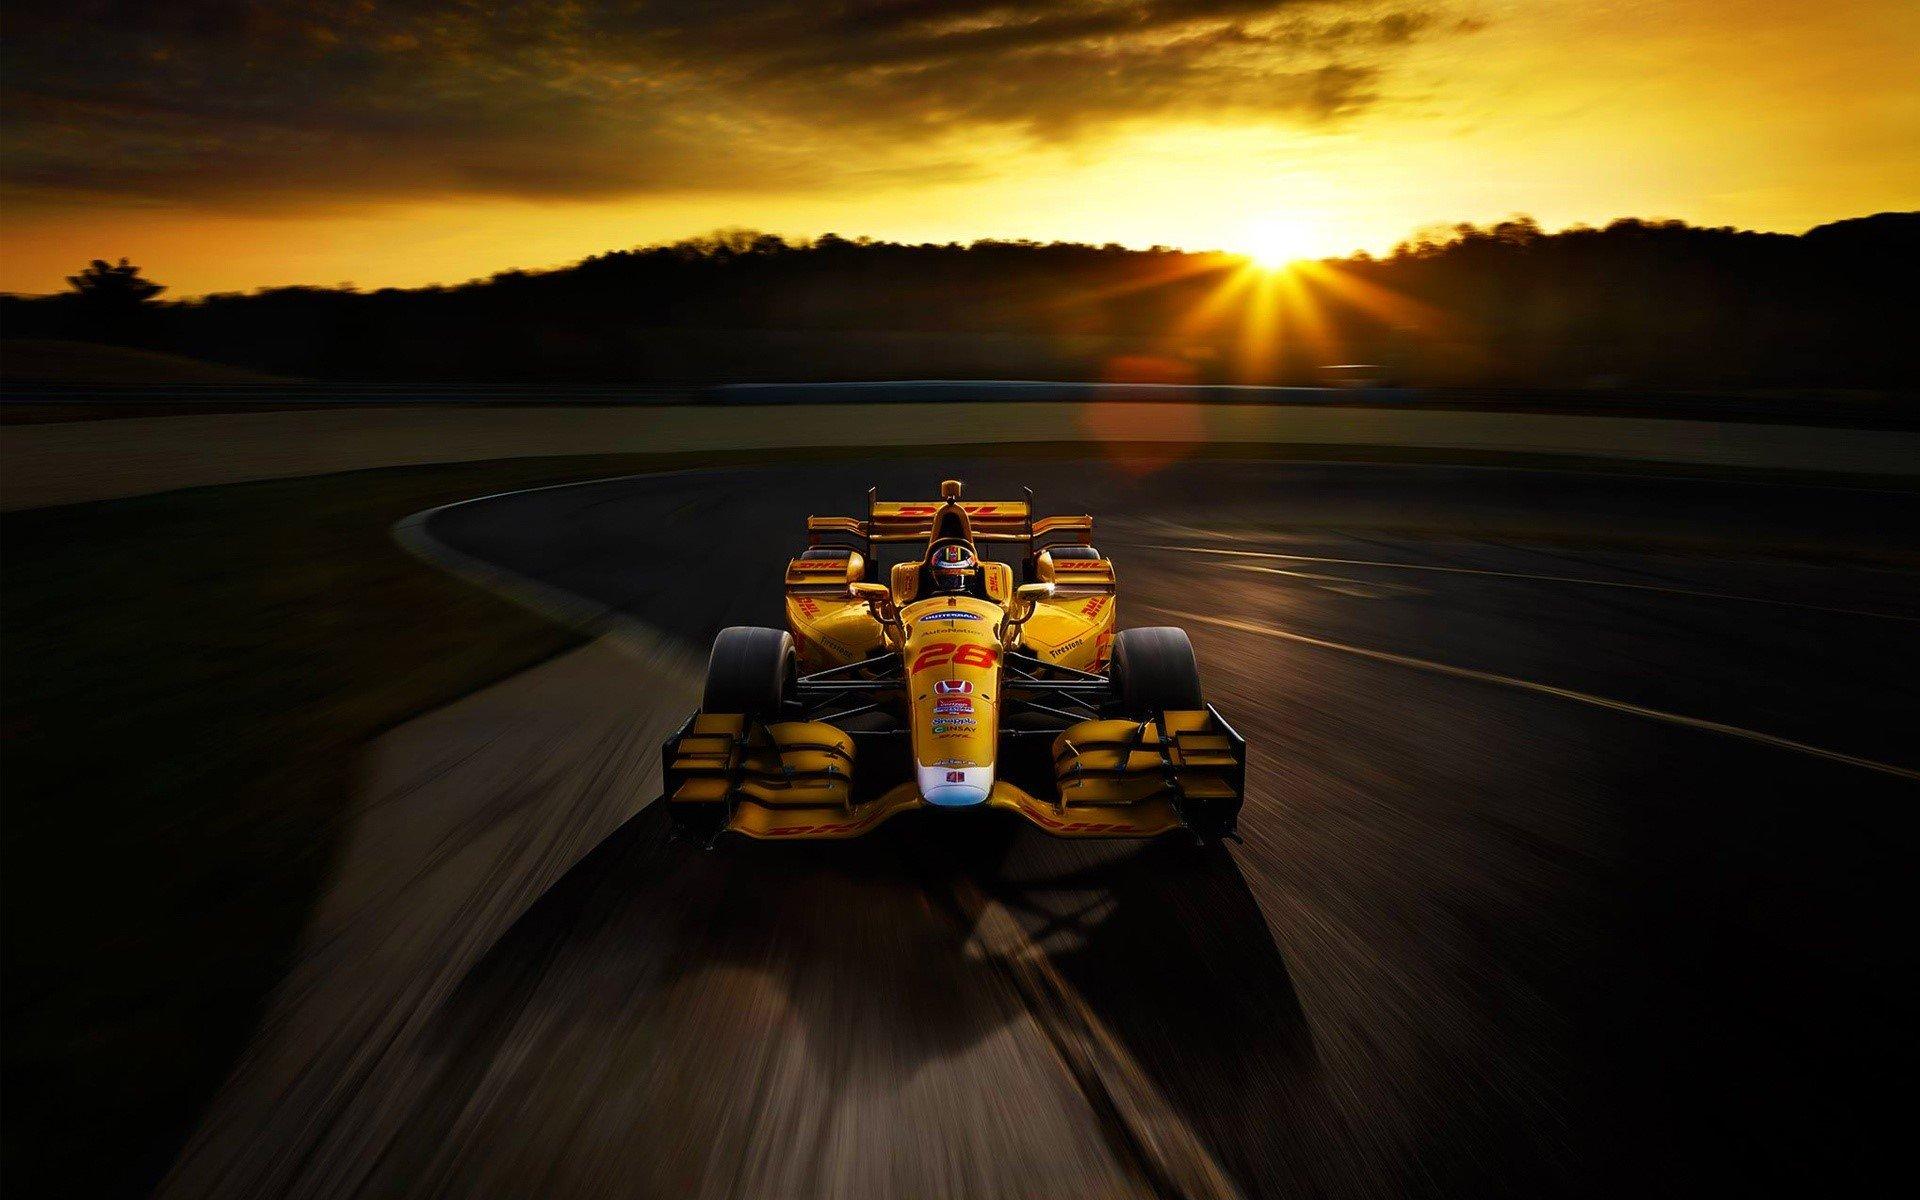 Fondos de pantalla Carro de carrera Honda F1